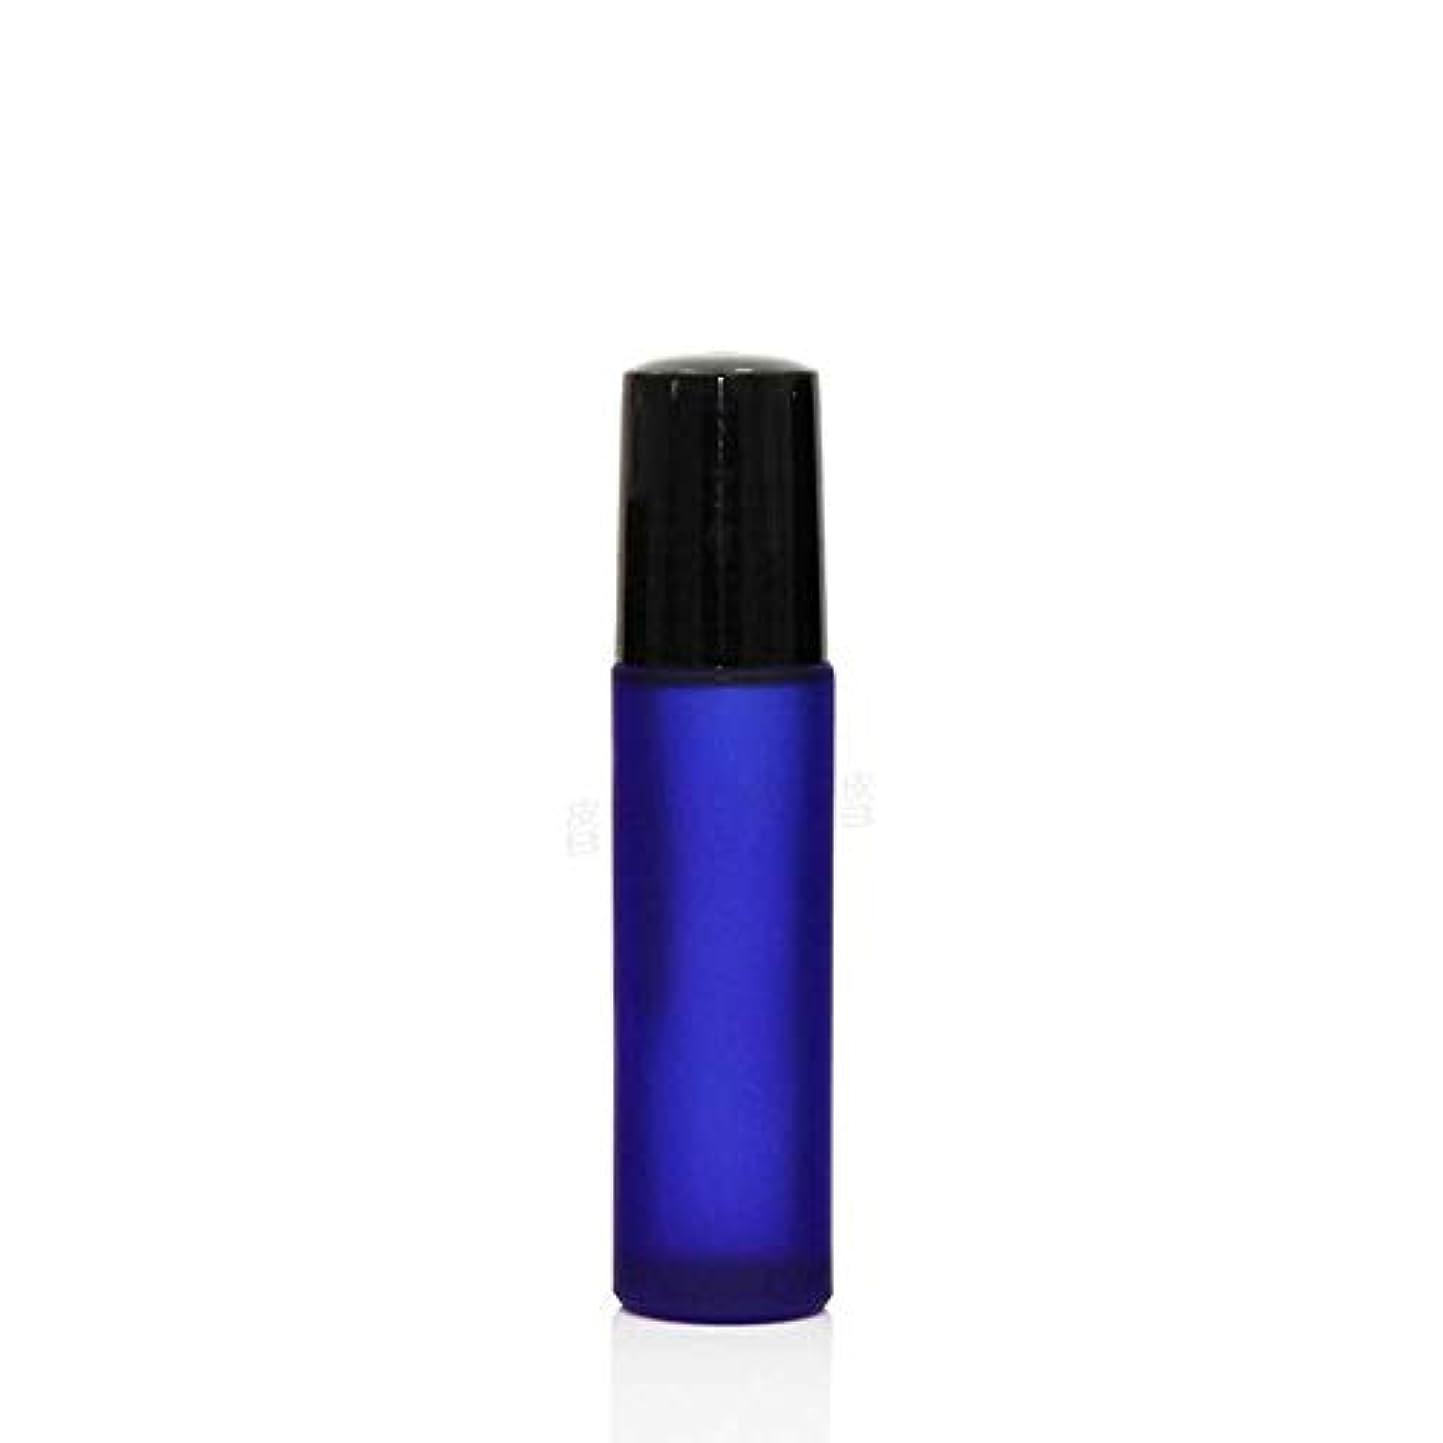 リビジョン光の犯人Simg ロールオンボトル アロマオイル 精油 小分け用 遮光瓶 10ml 10本セット ガラスロールタイプ (ブルー)